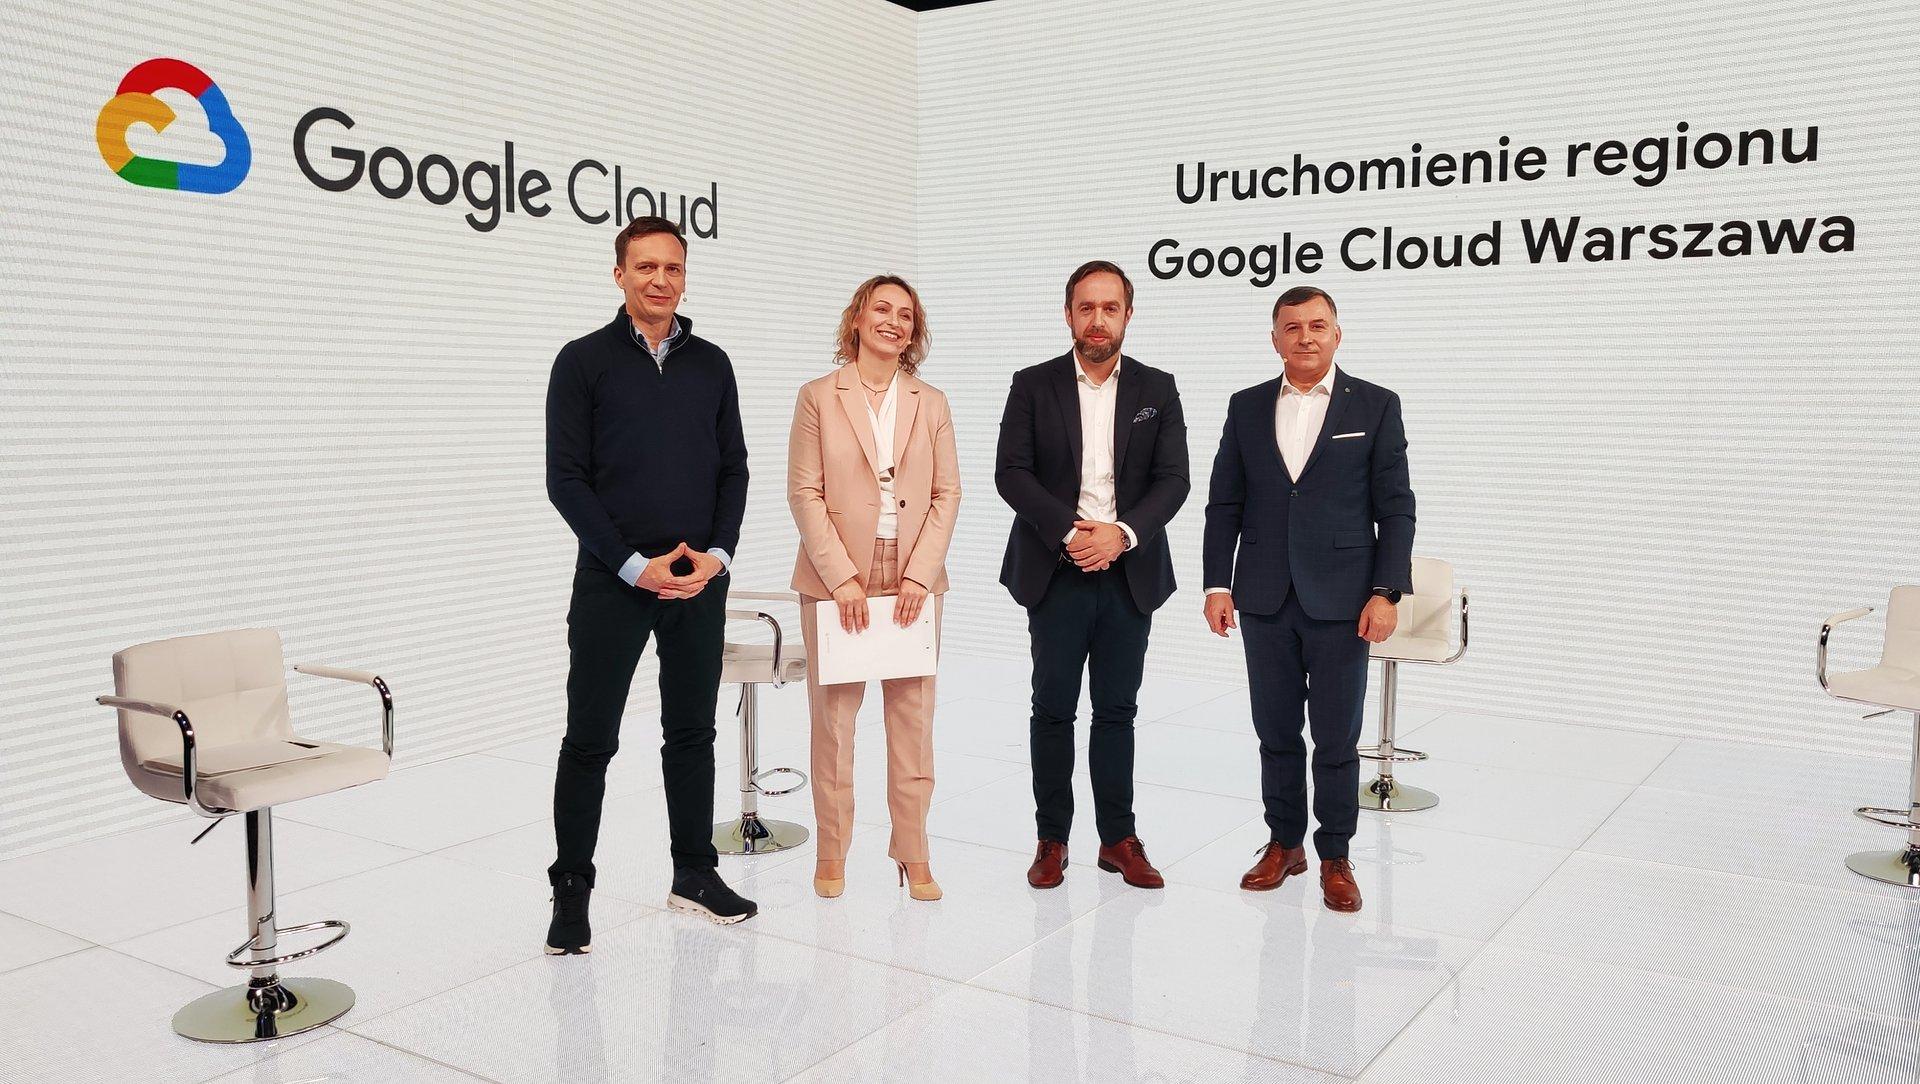 Mamy wzór na przyspieszenie: region Google Cloud Warszawa już dostępny!